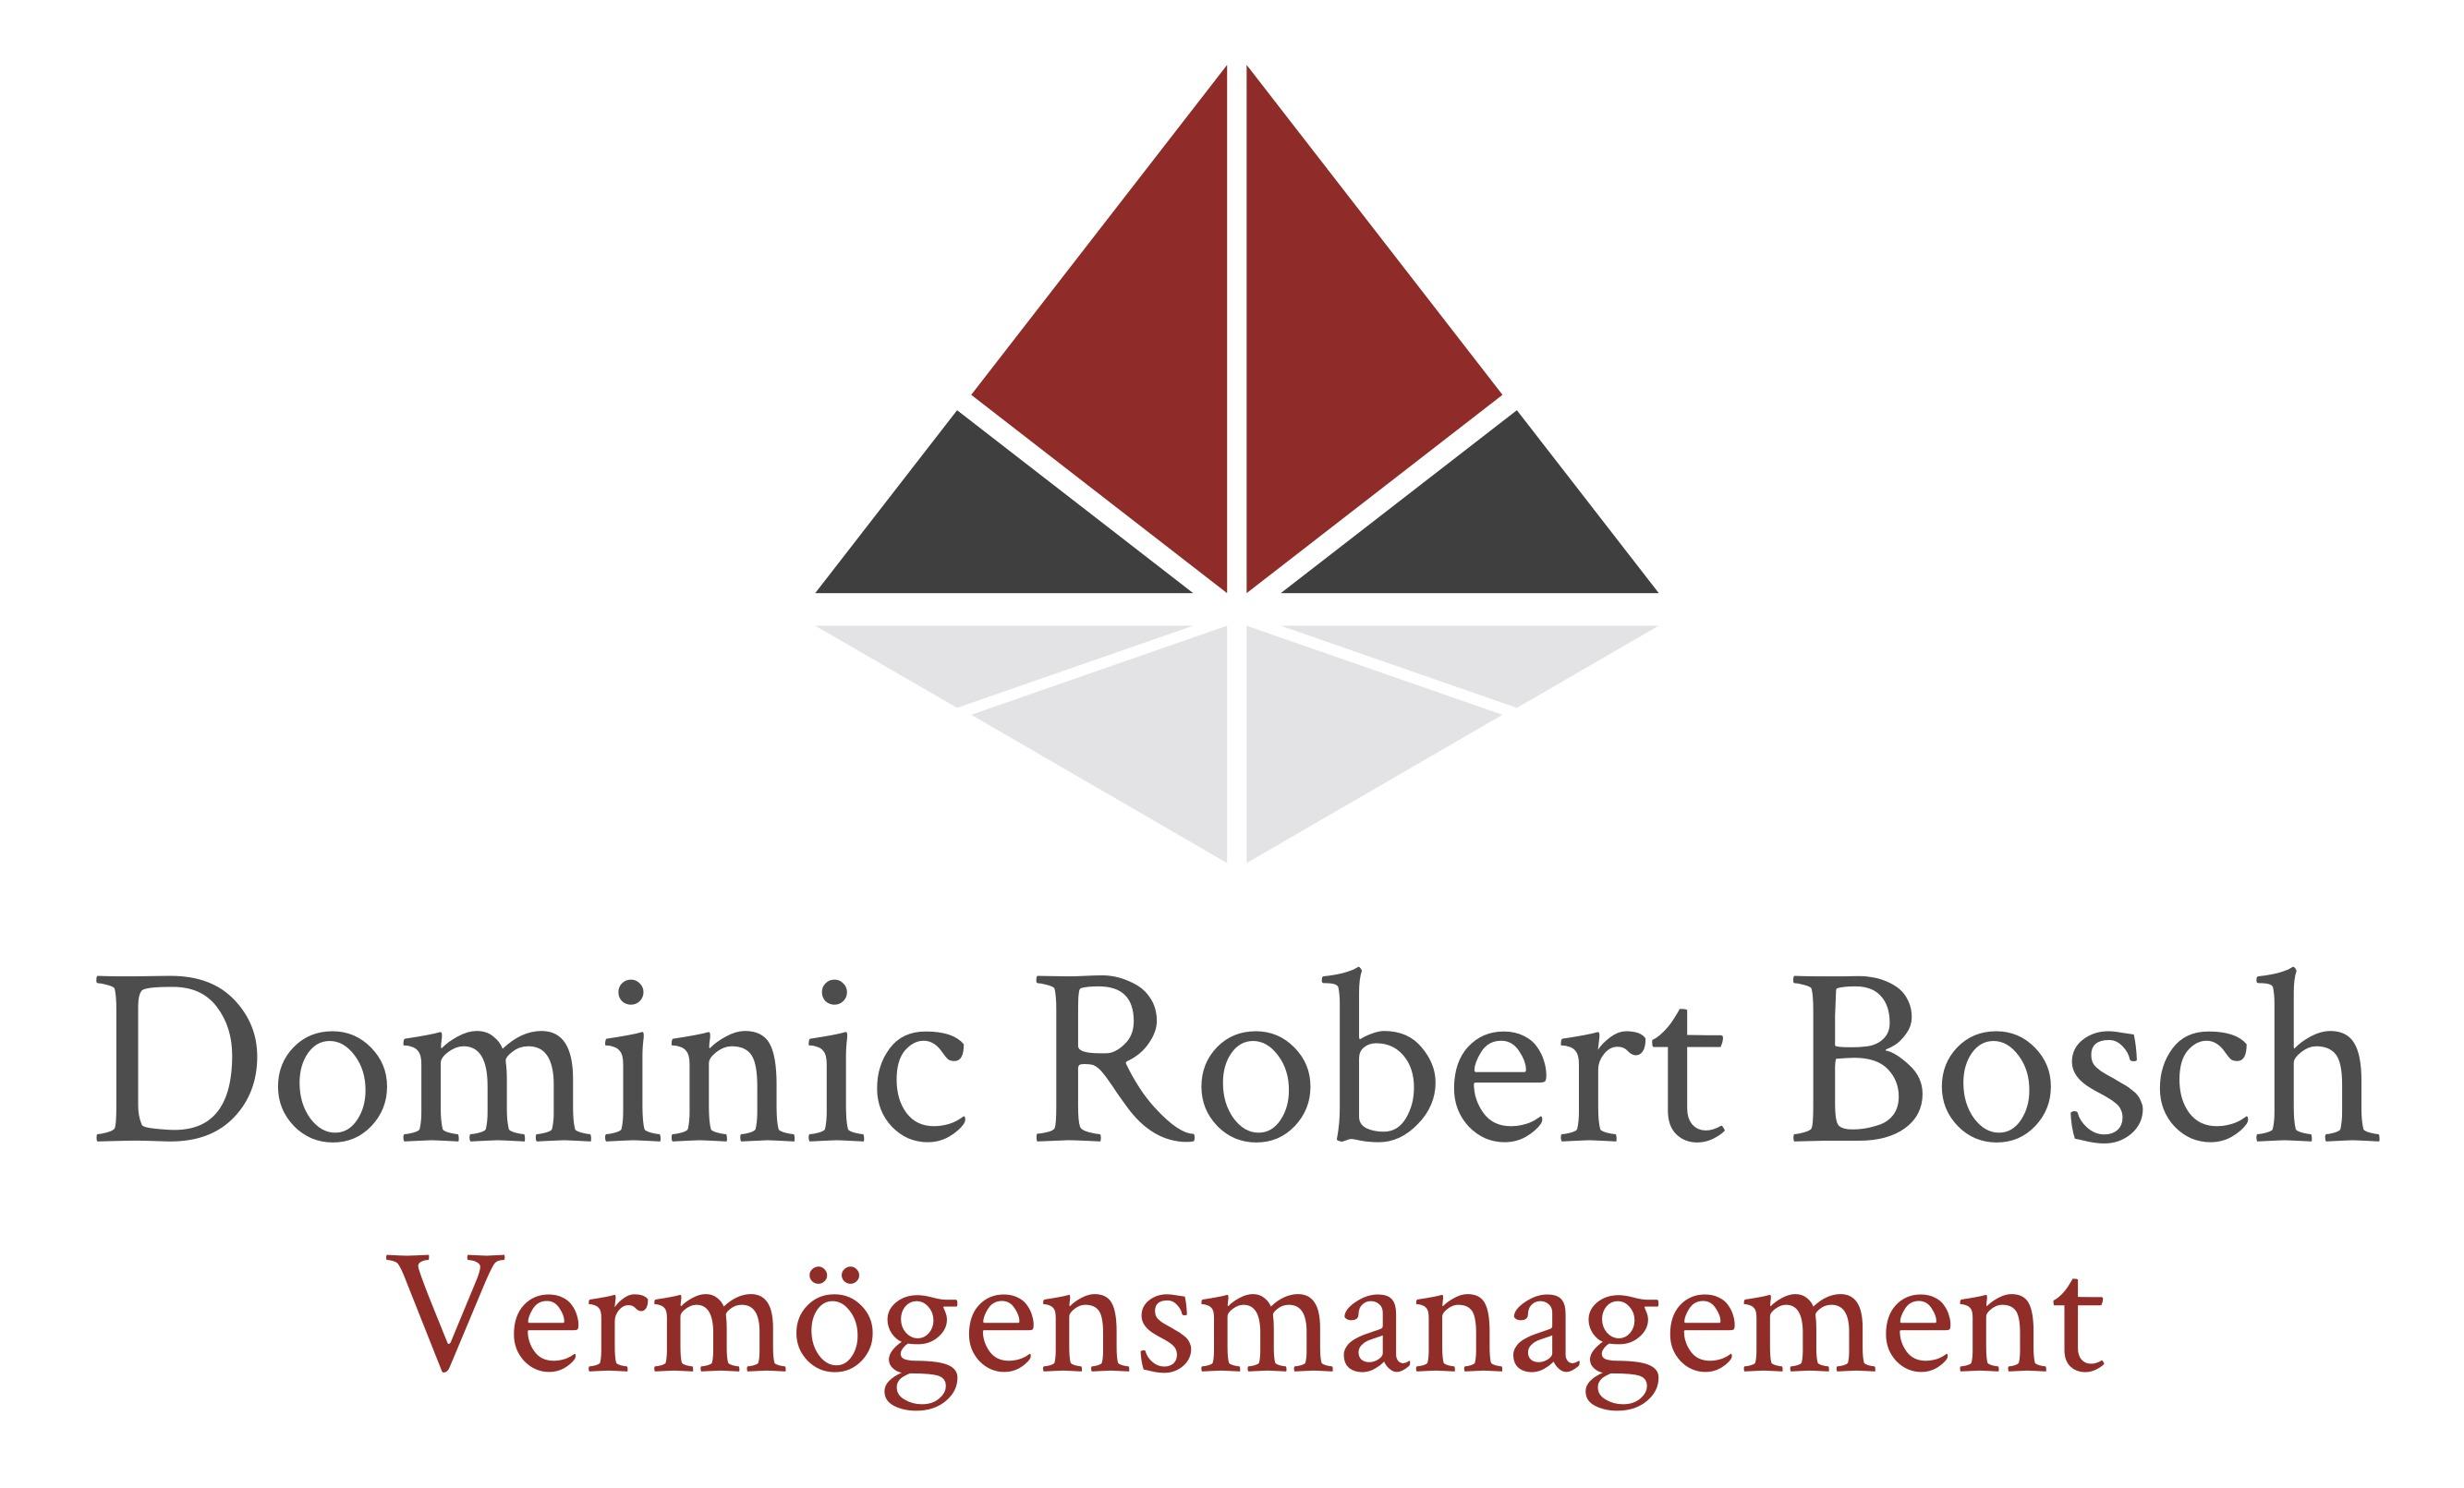 Dominic Robert Bosch Vermögensmanagement - Ihre unabhängige Honorarberatung in Bodnegg